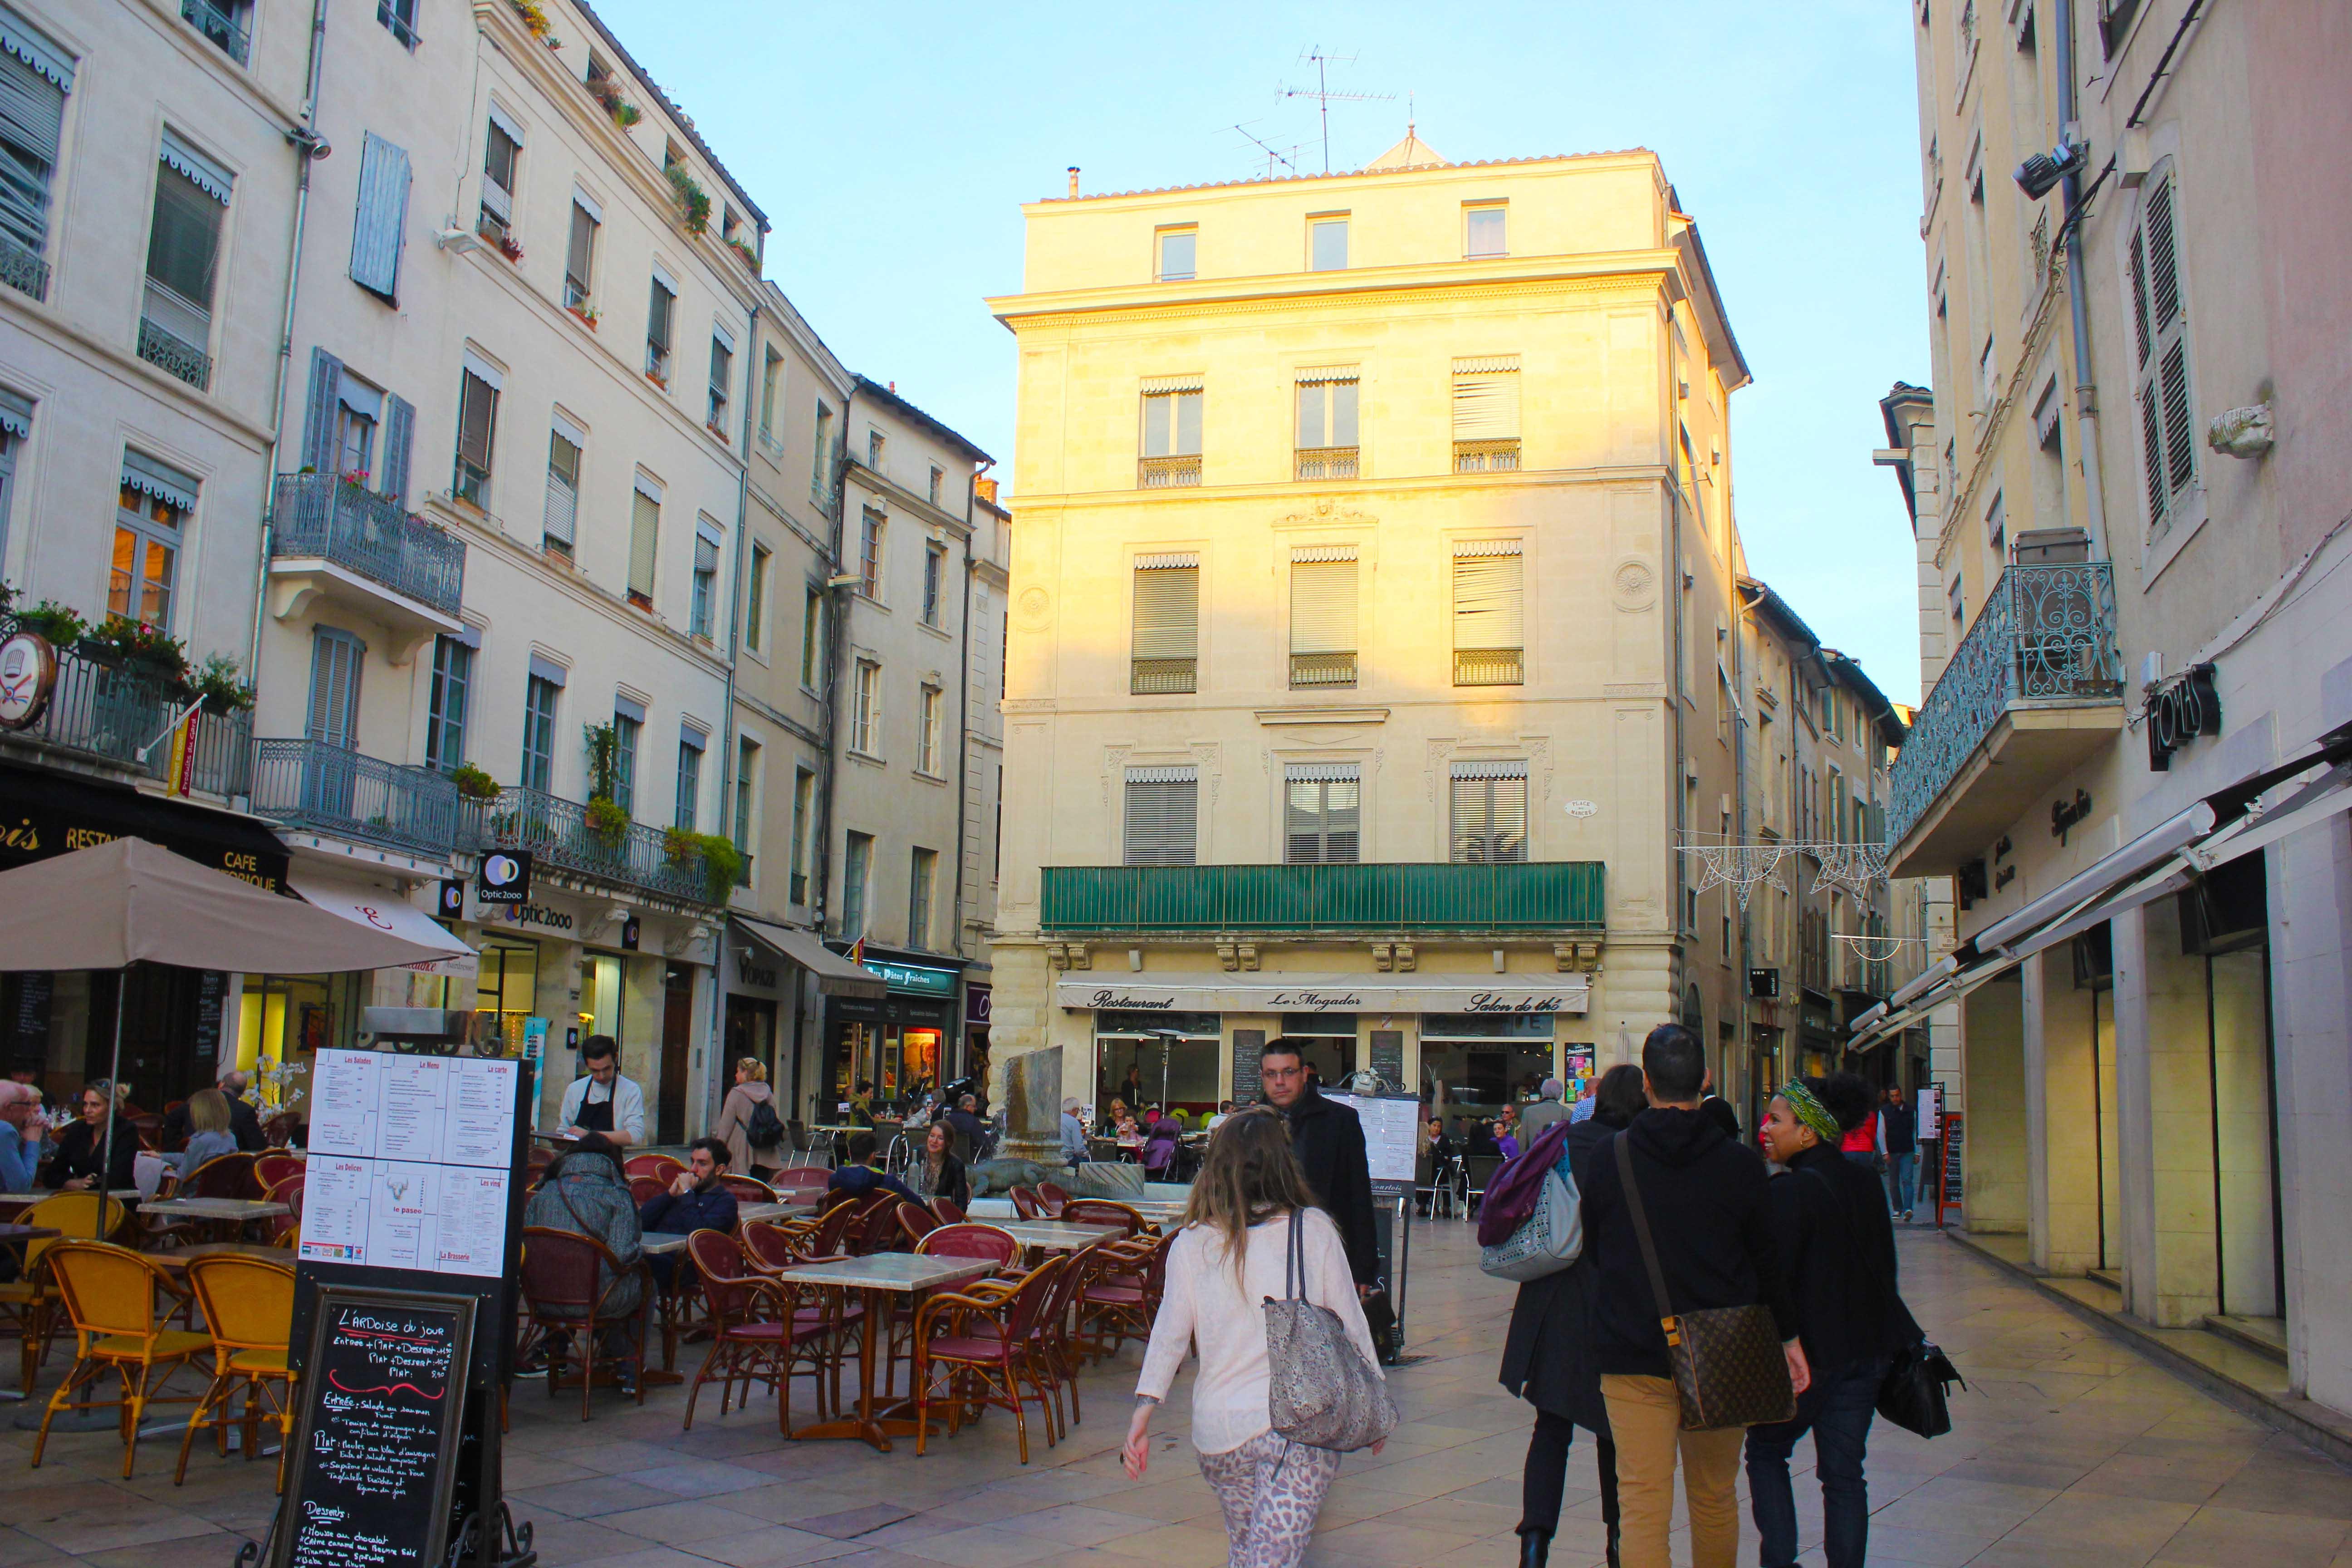 Em Nimes, os restaurantes e bares tomam conta das calçadas. Ali tem quase que de tudo